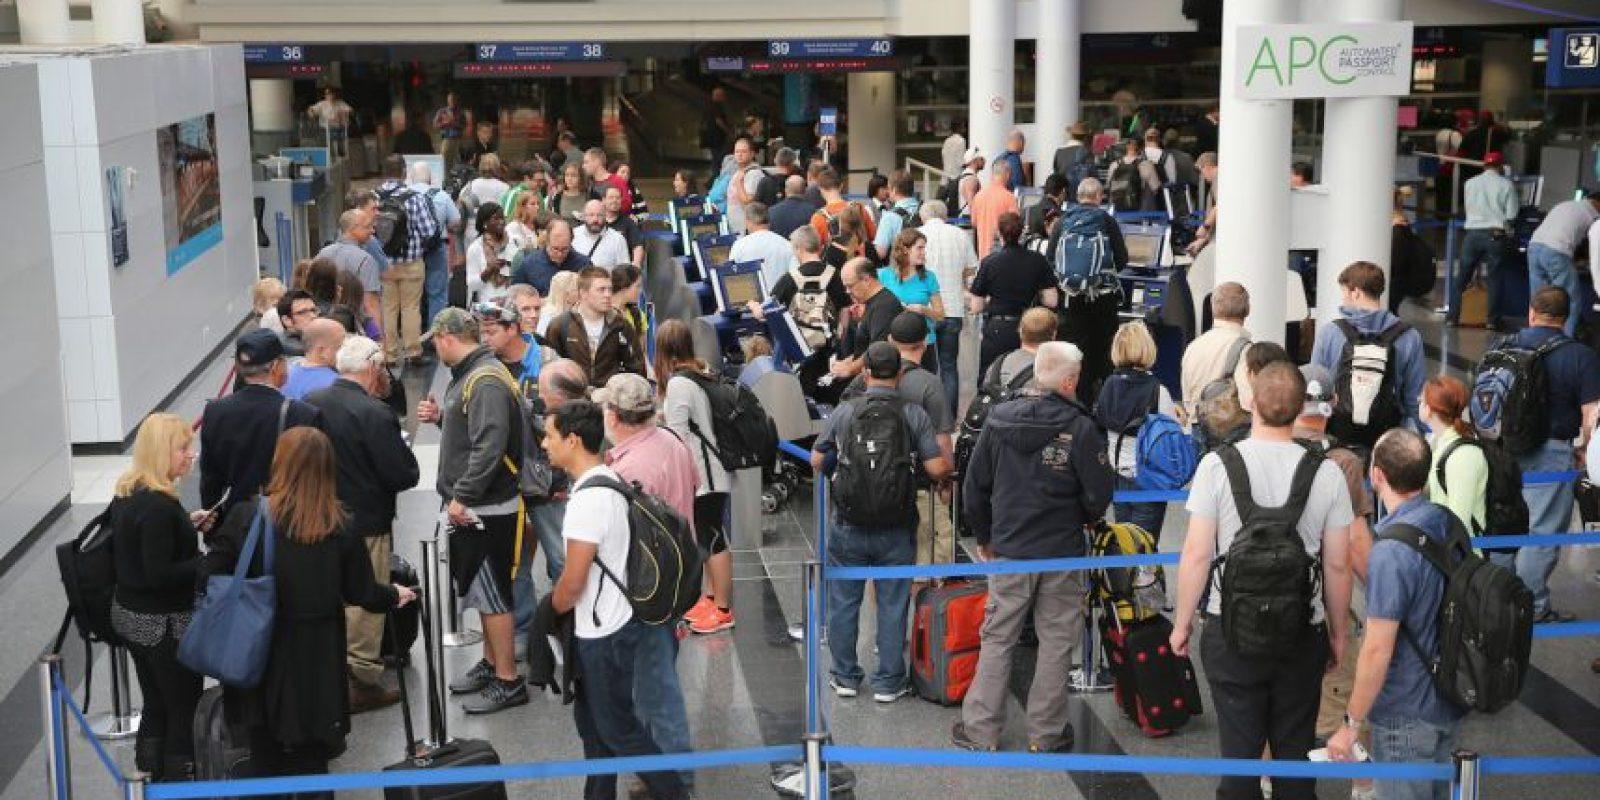 3. Un total de 6.7 millones de expatriados deben llevar cada año un formulario para declarar sus impuestos mientras viven en el extranjero. Foto:Getty Images